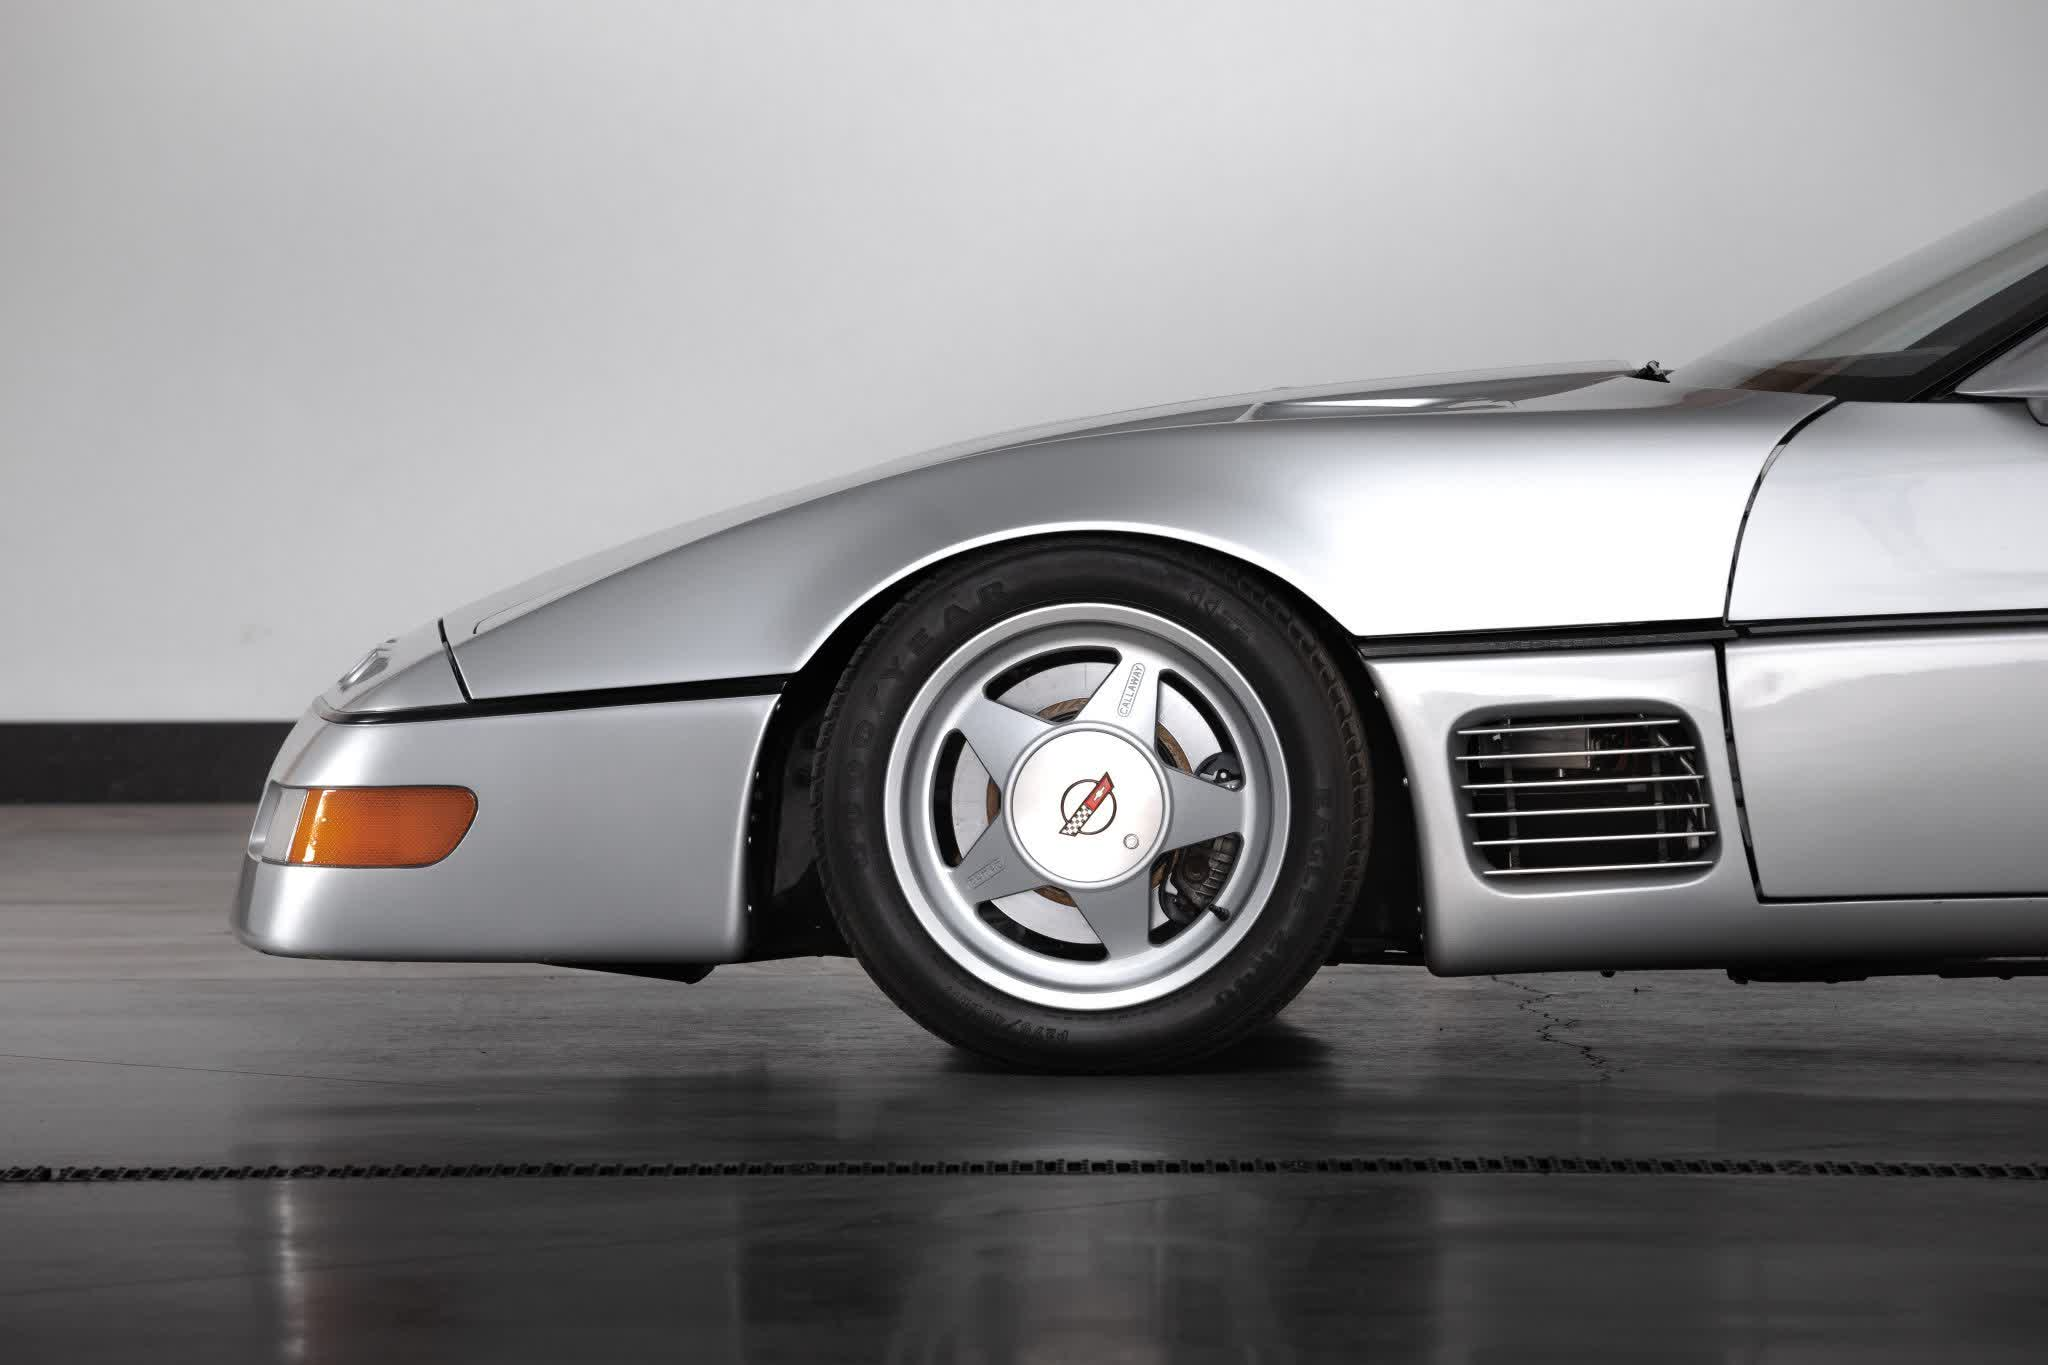 1621008907 333 La legendaire Callaway SledgeHammer Corvette est mise aux encheres